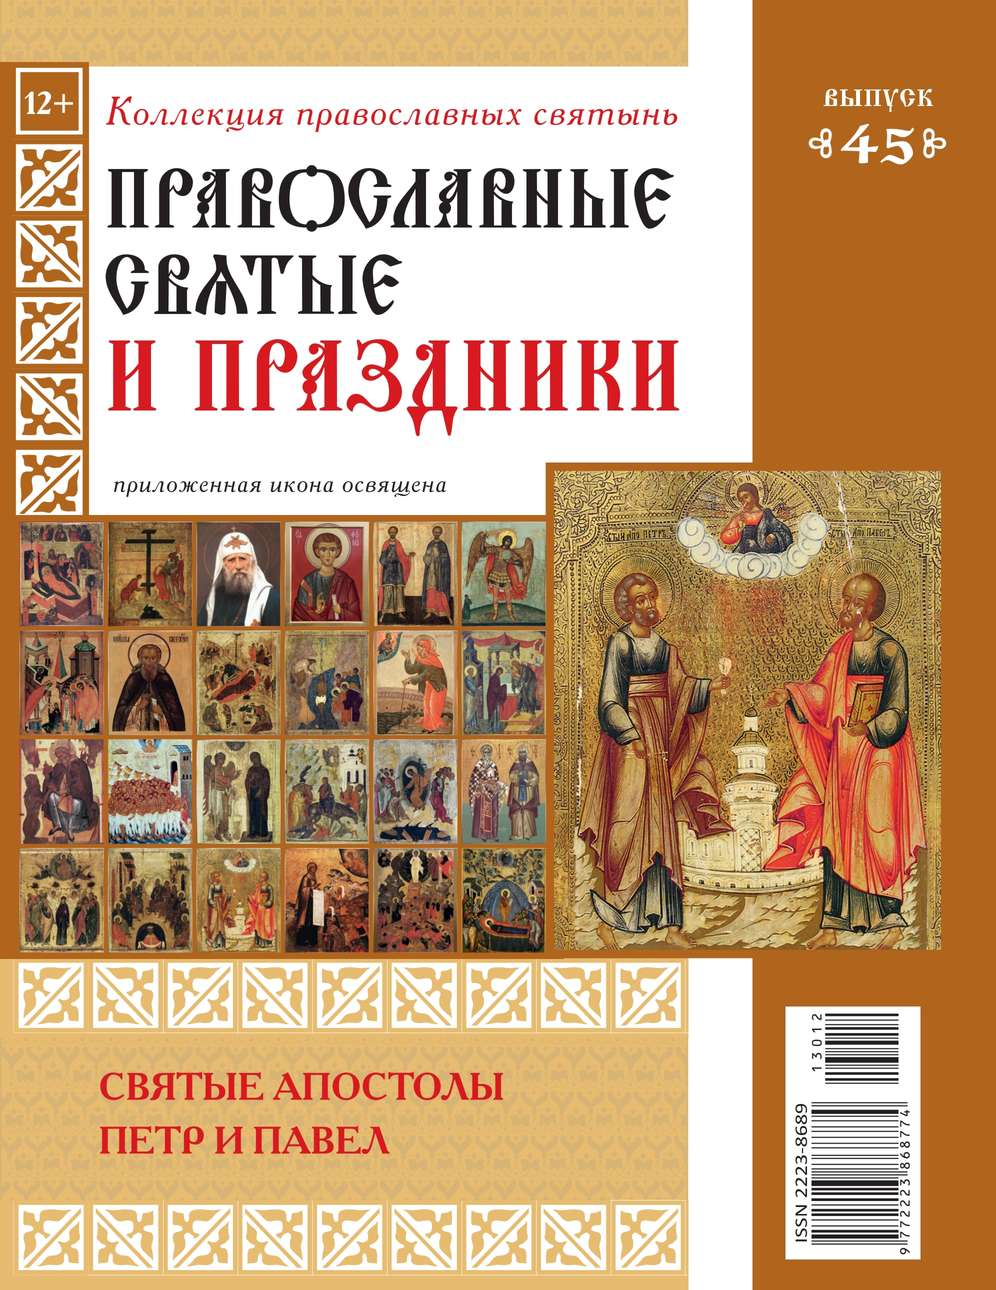 Редакция журнала Коллекция Православных Святынь Коллекция Православных Святынь 45